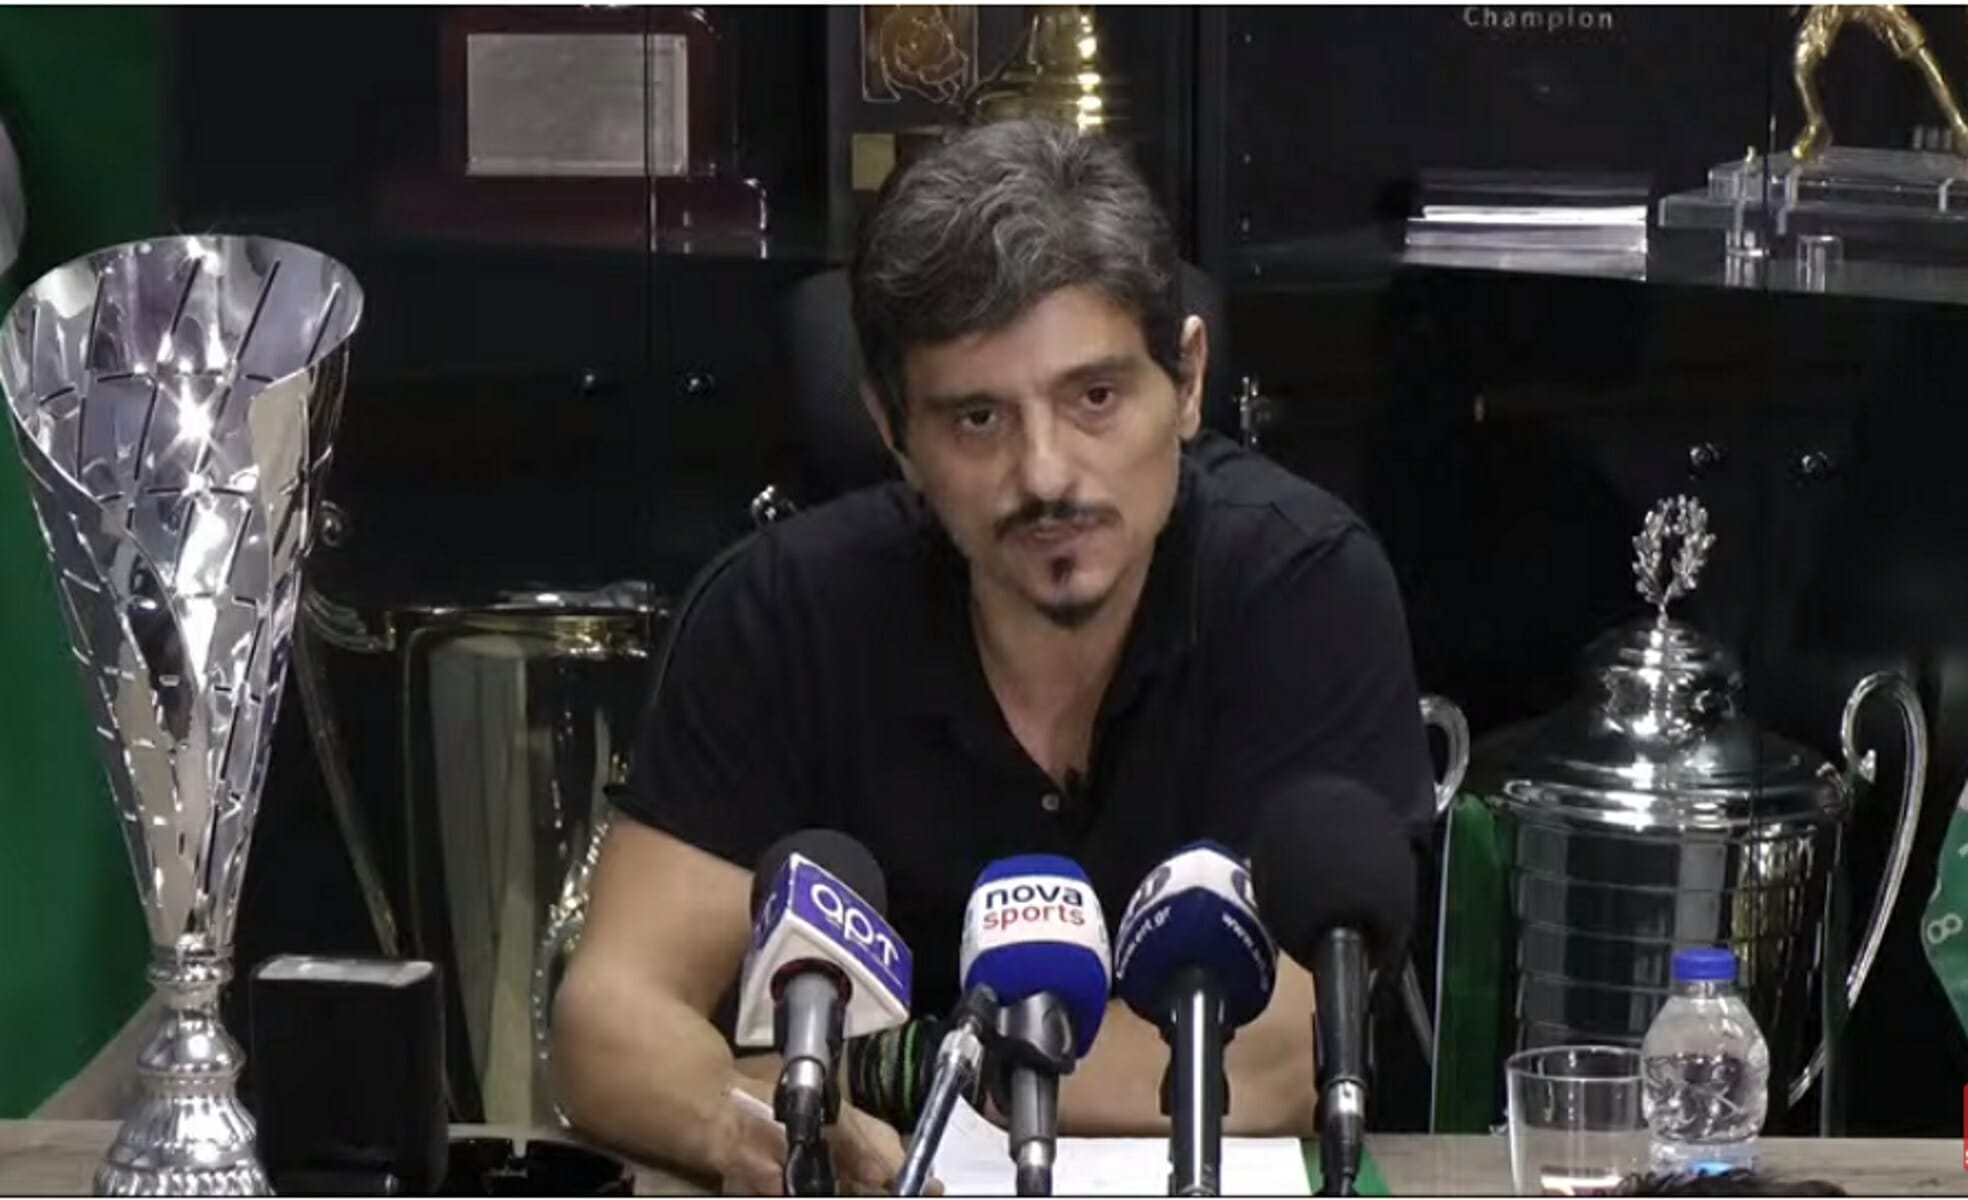 """Παναθηναϊκός: Σφοδρή επίθεση Δημήτρη Γιαννακόπουλου στους οργανωμένους! """"Θα σας βάλω στον κ@@ο τις κουκούλες!"""""""